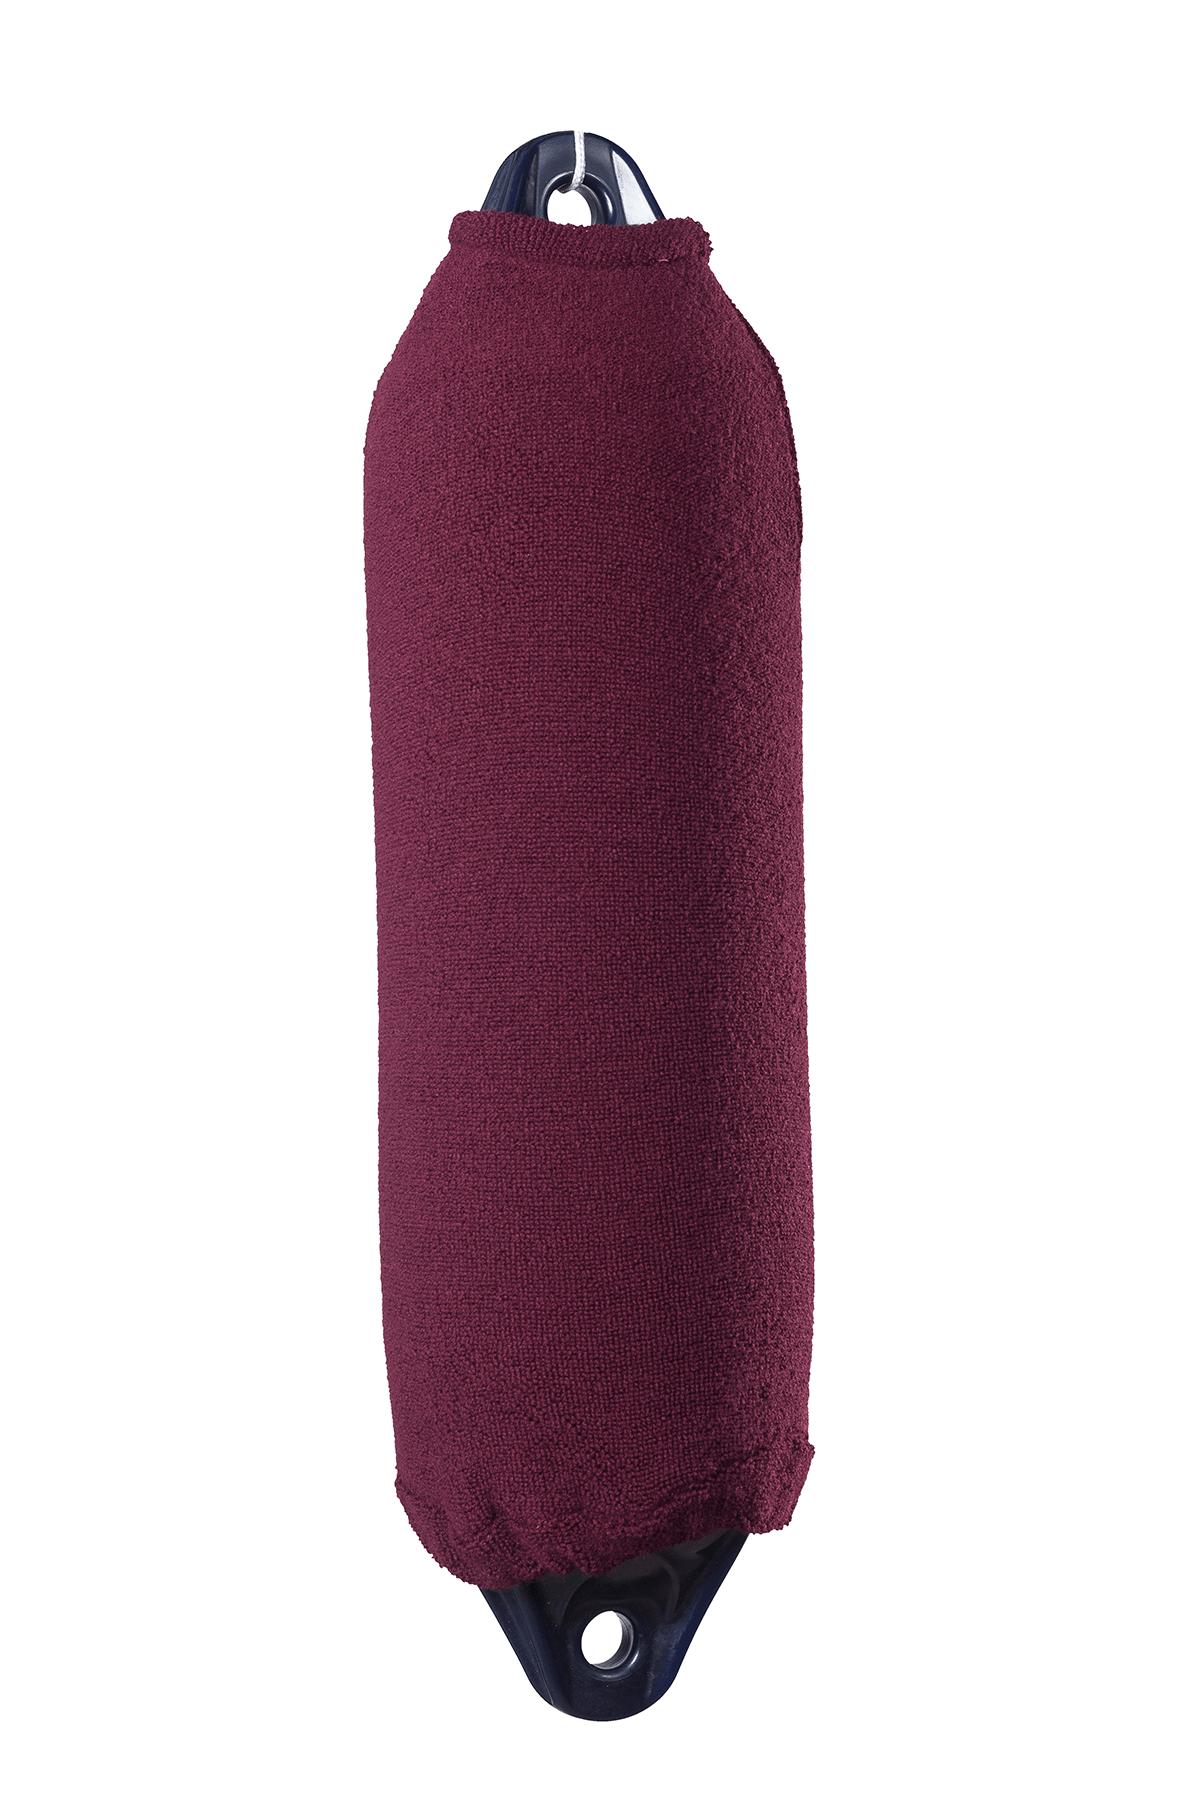 22.96 - Καλύμματα Μακρόστενων Μπαλονιών 63cm Χρώματος Μπορντό - Σετ Των 2 Τεμαχίων